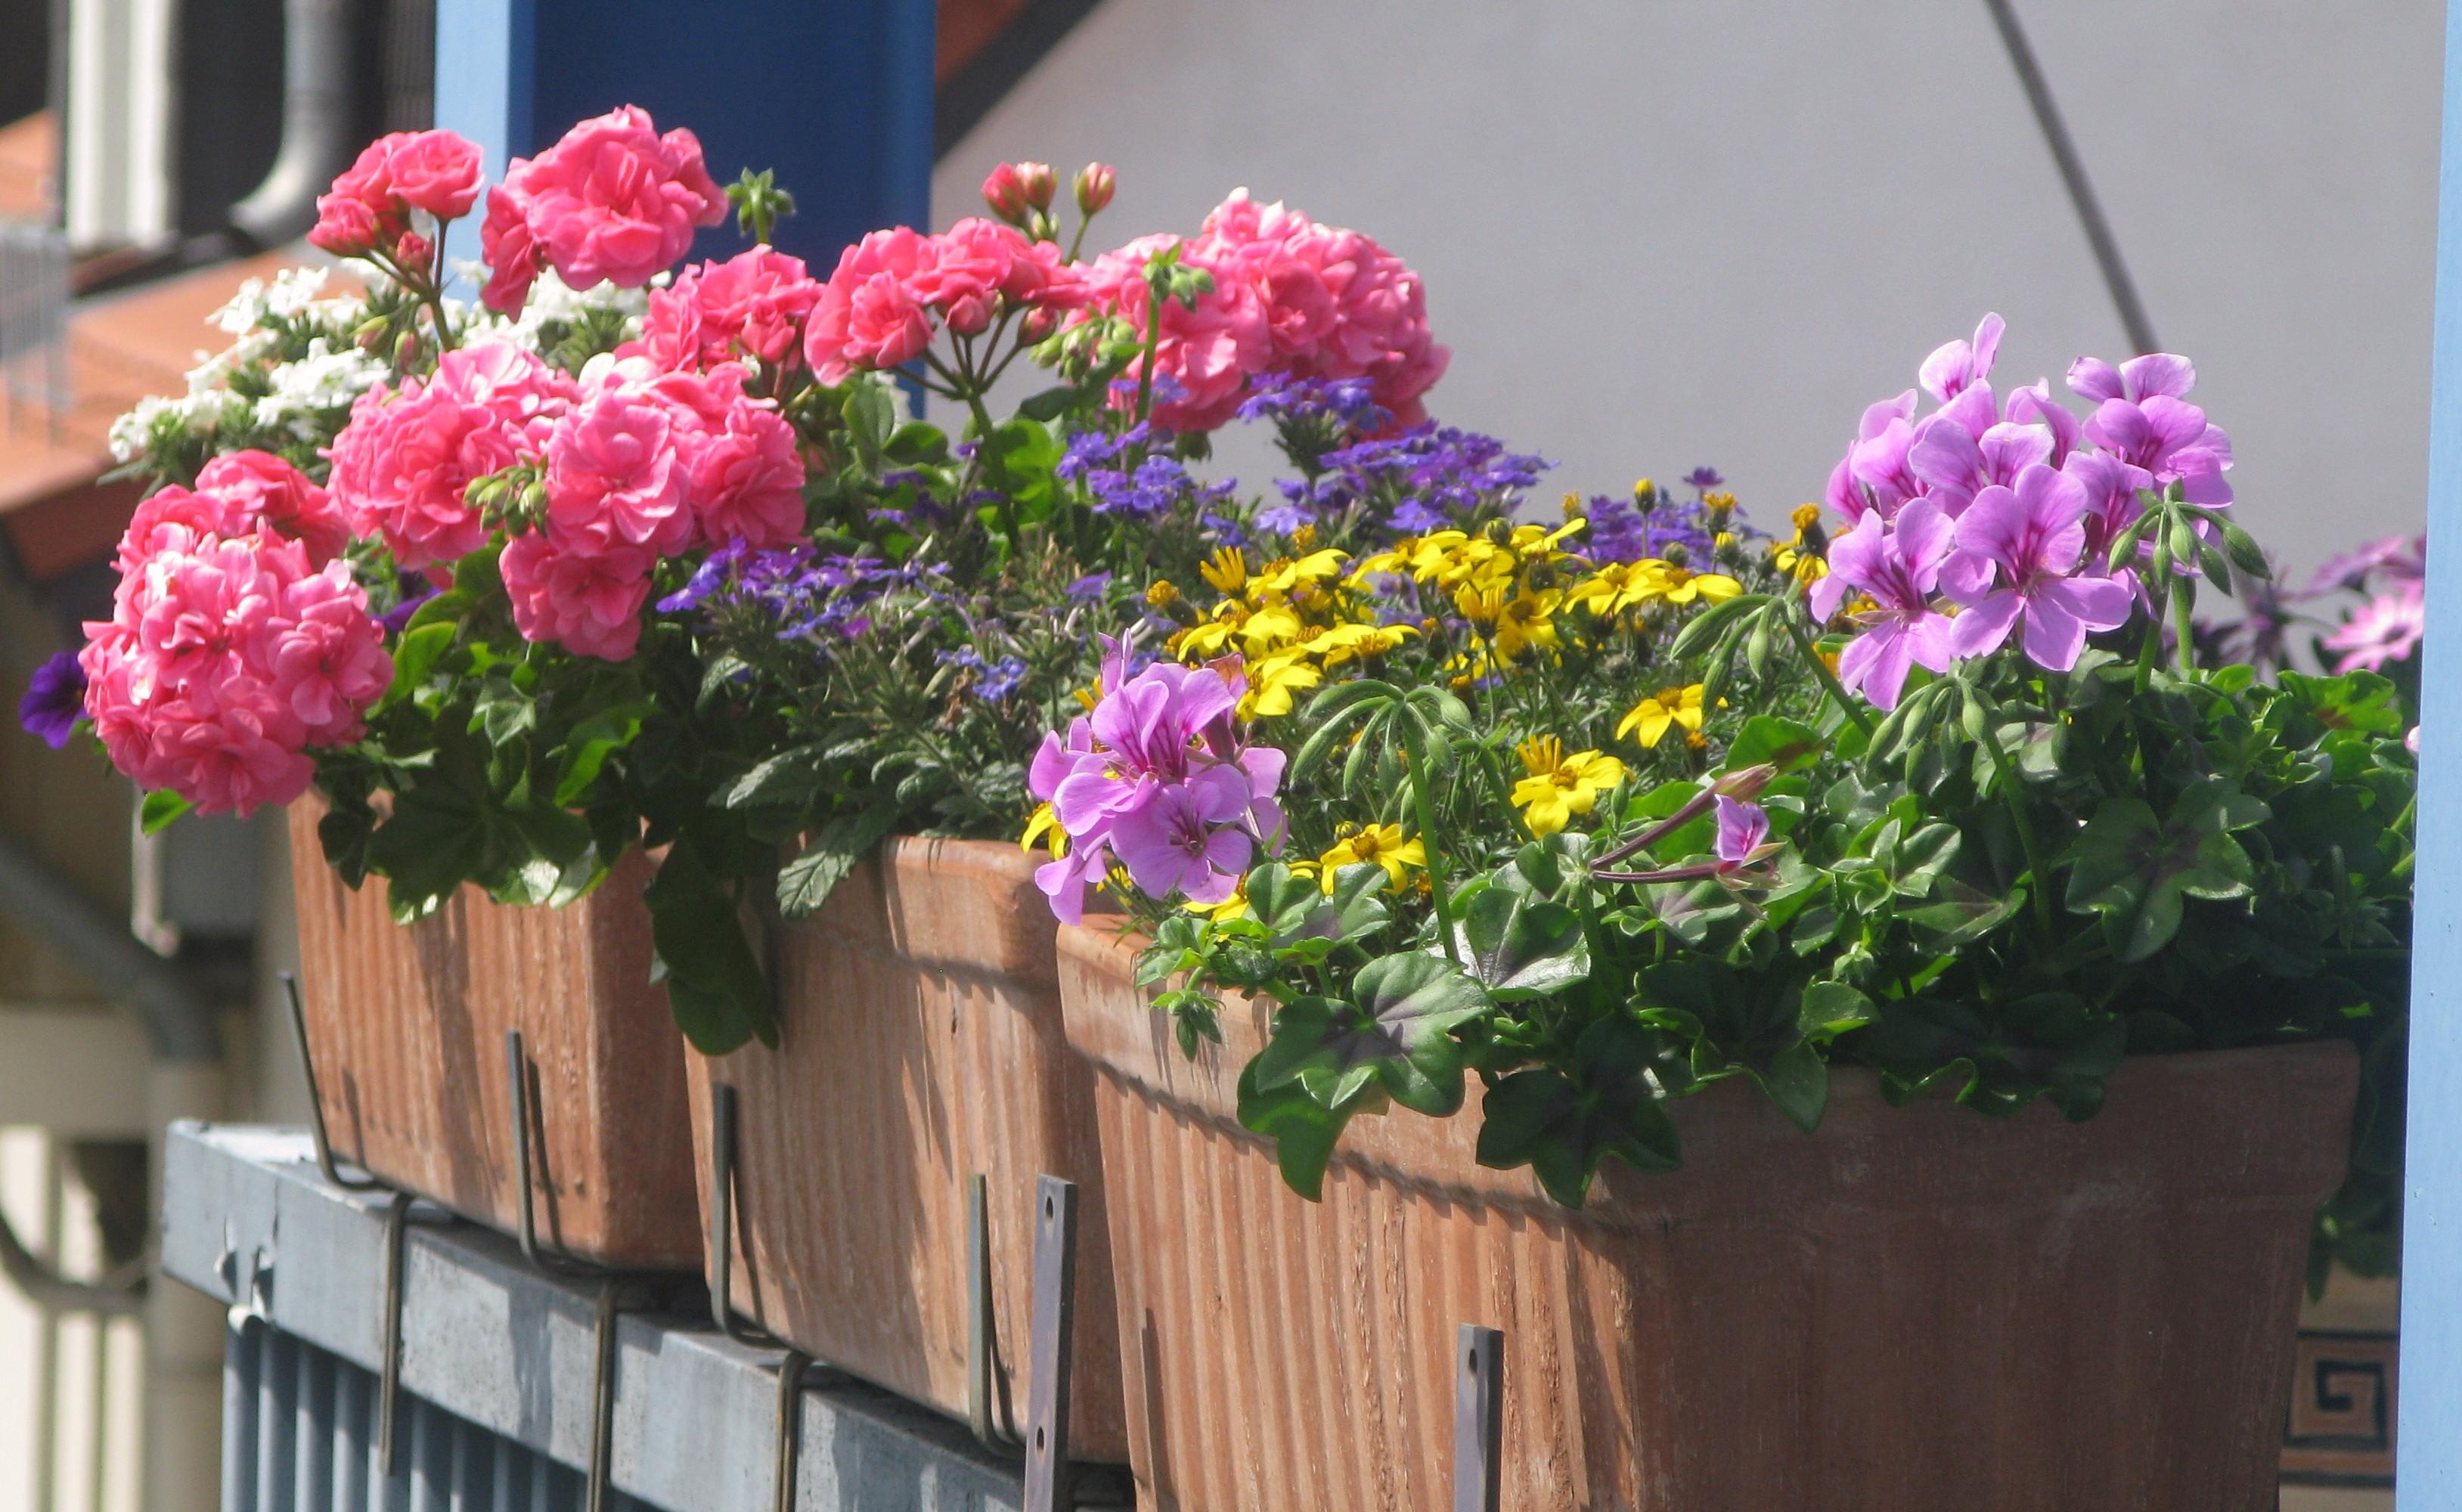 Цветы на балконе - как их оформить? 75 фото лучших идей диза.